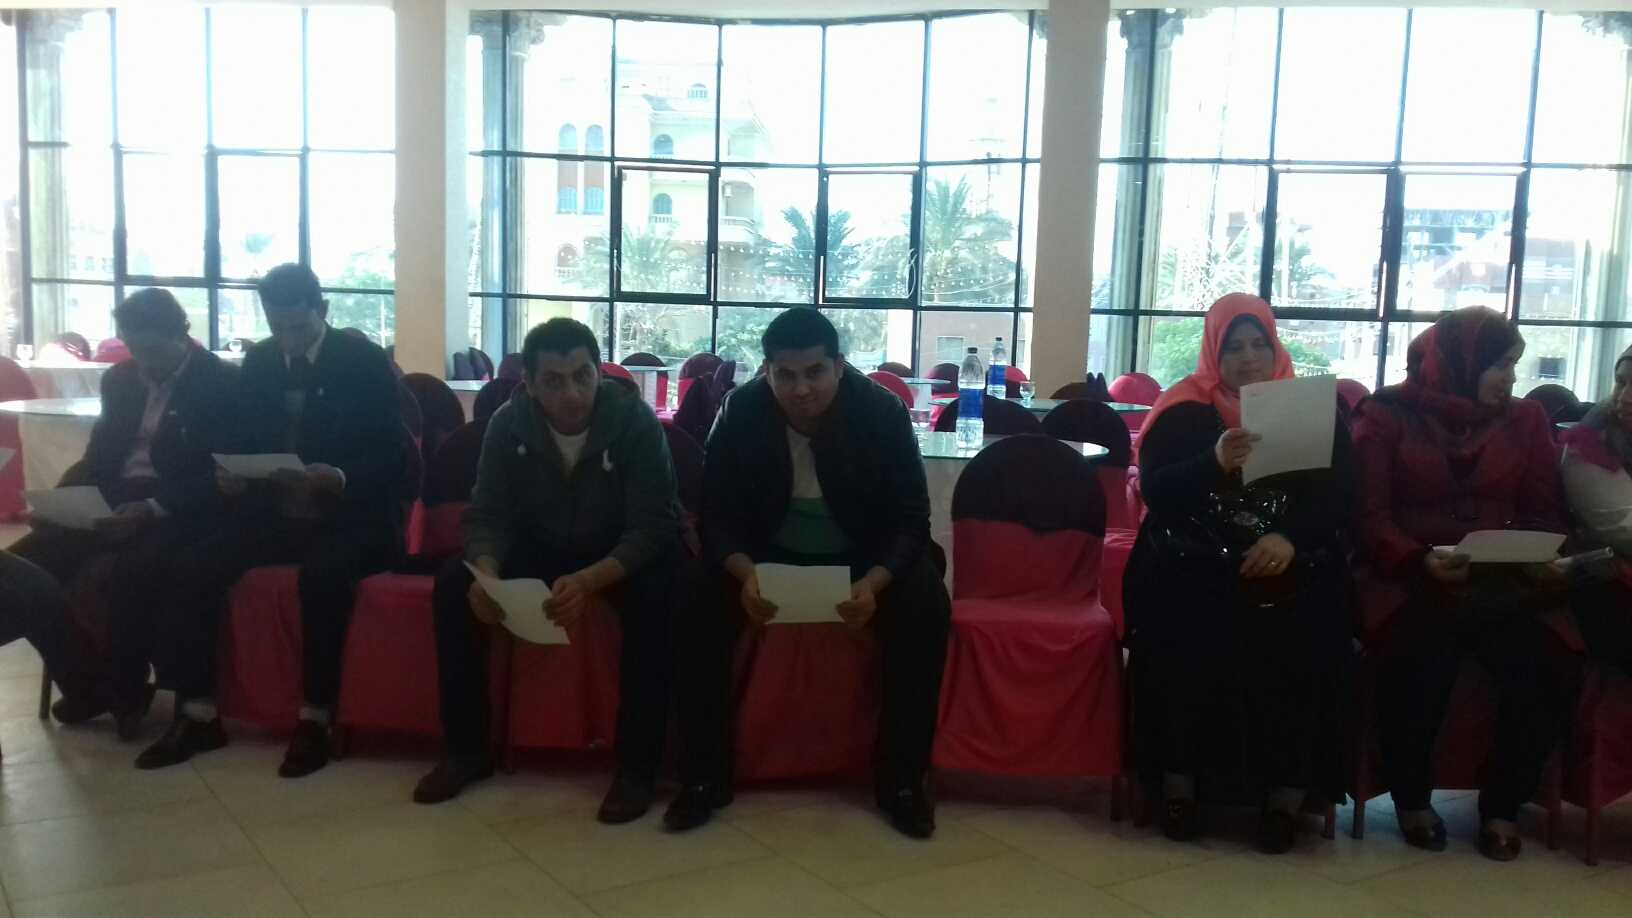 حملةالمحليات للشباب تقيم دورات على المحليات بديرب نجم (1)